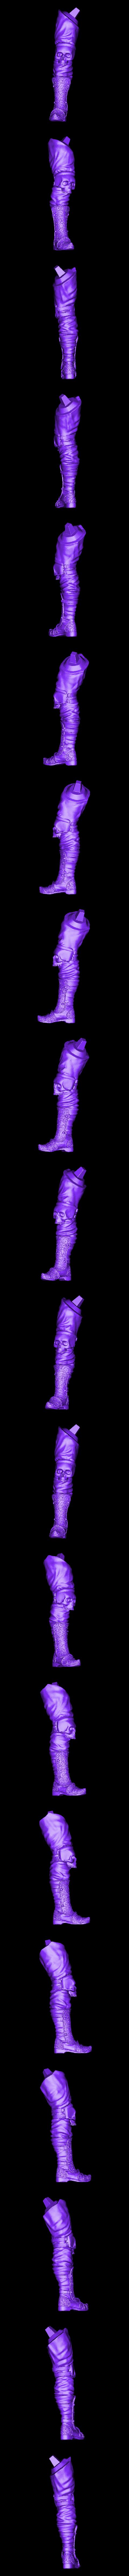 LegR_repaired.stl Download free STL file Soul Reaper demon hunter • 3D print object, Boris3dStudio